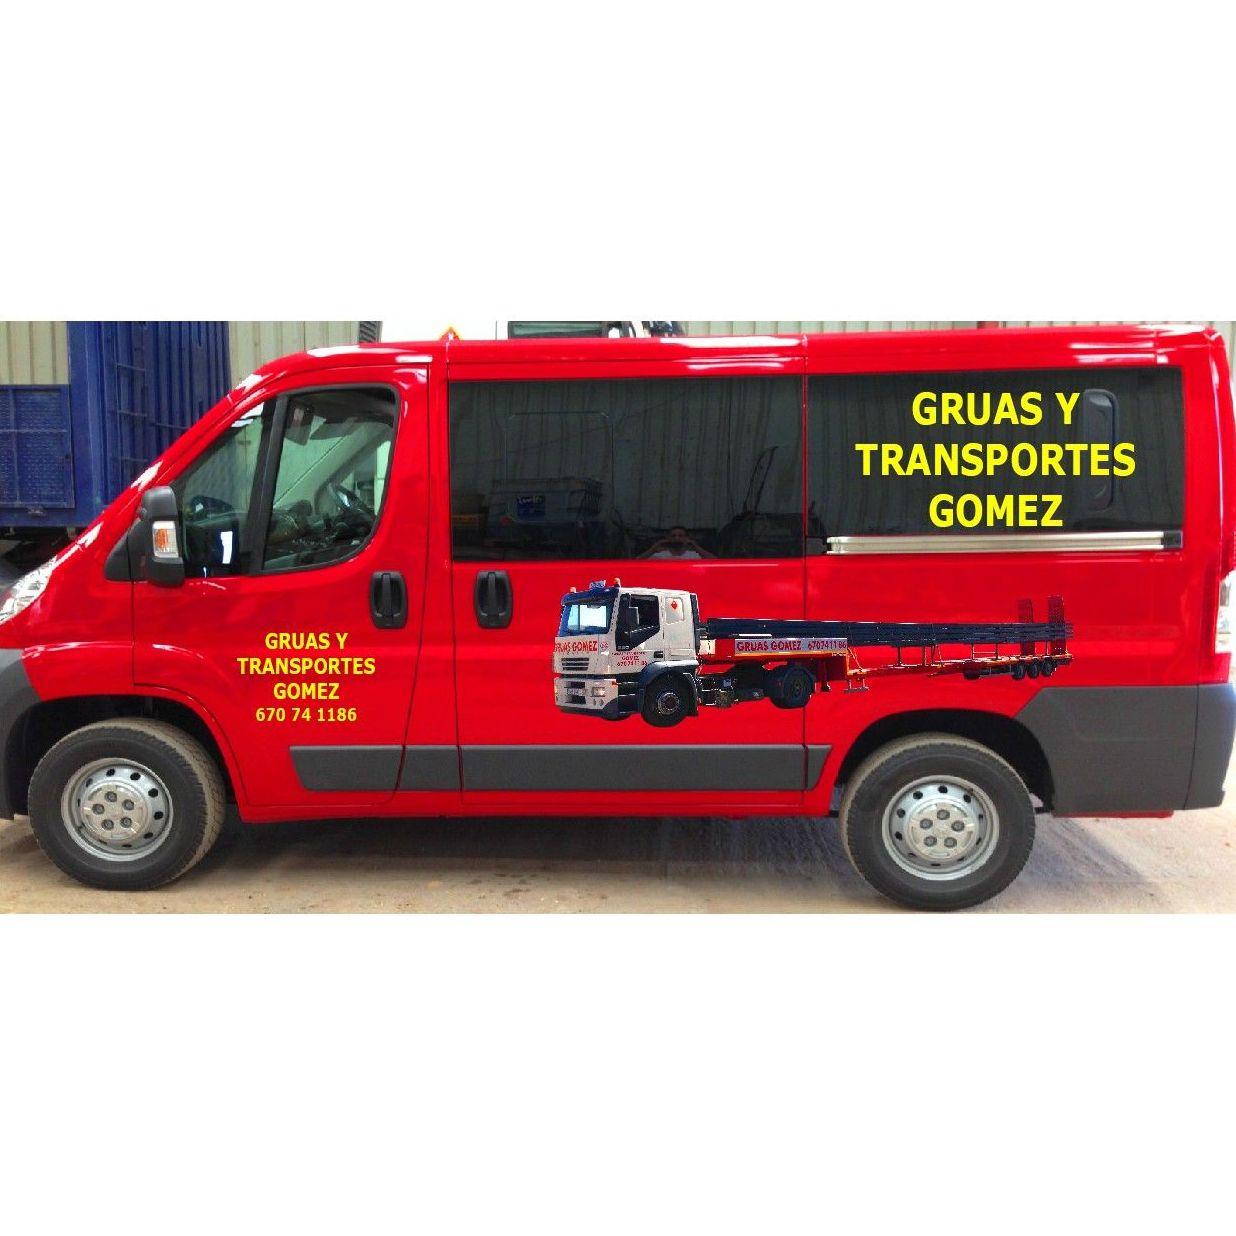 Servicios: Equipos a su servicio de Grúas y Transportes Gómez, S.L.